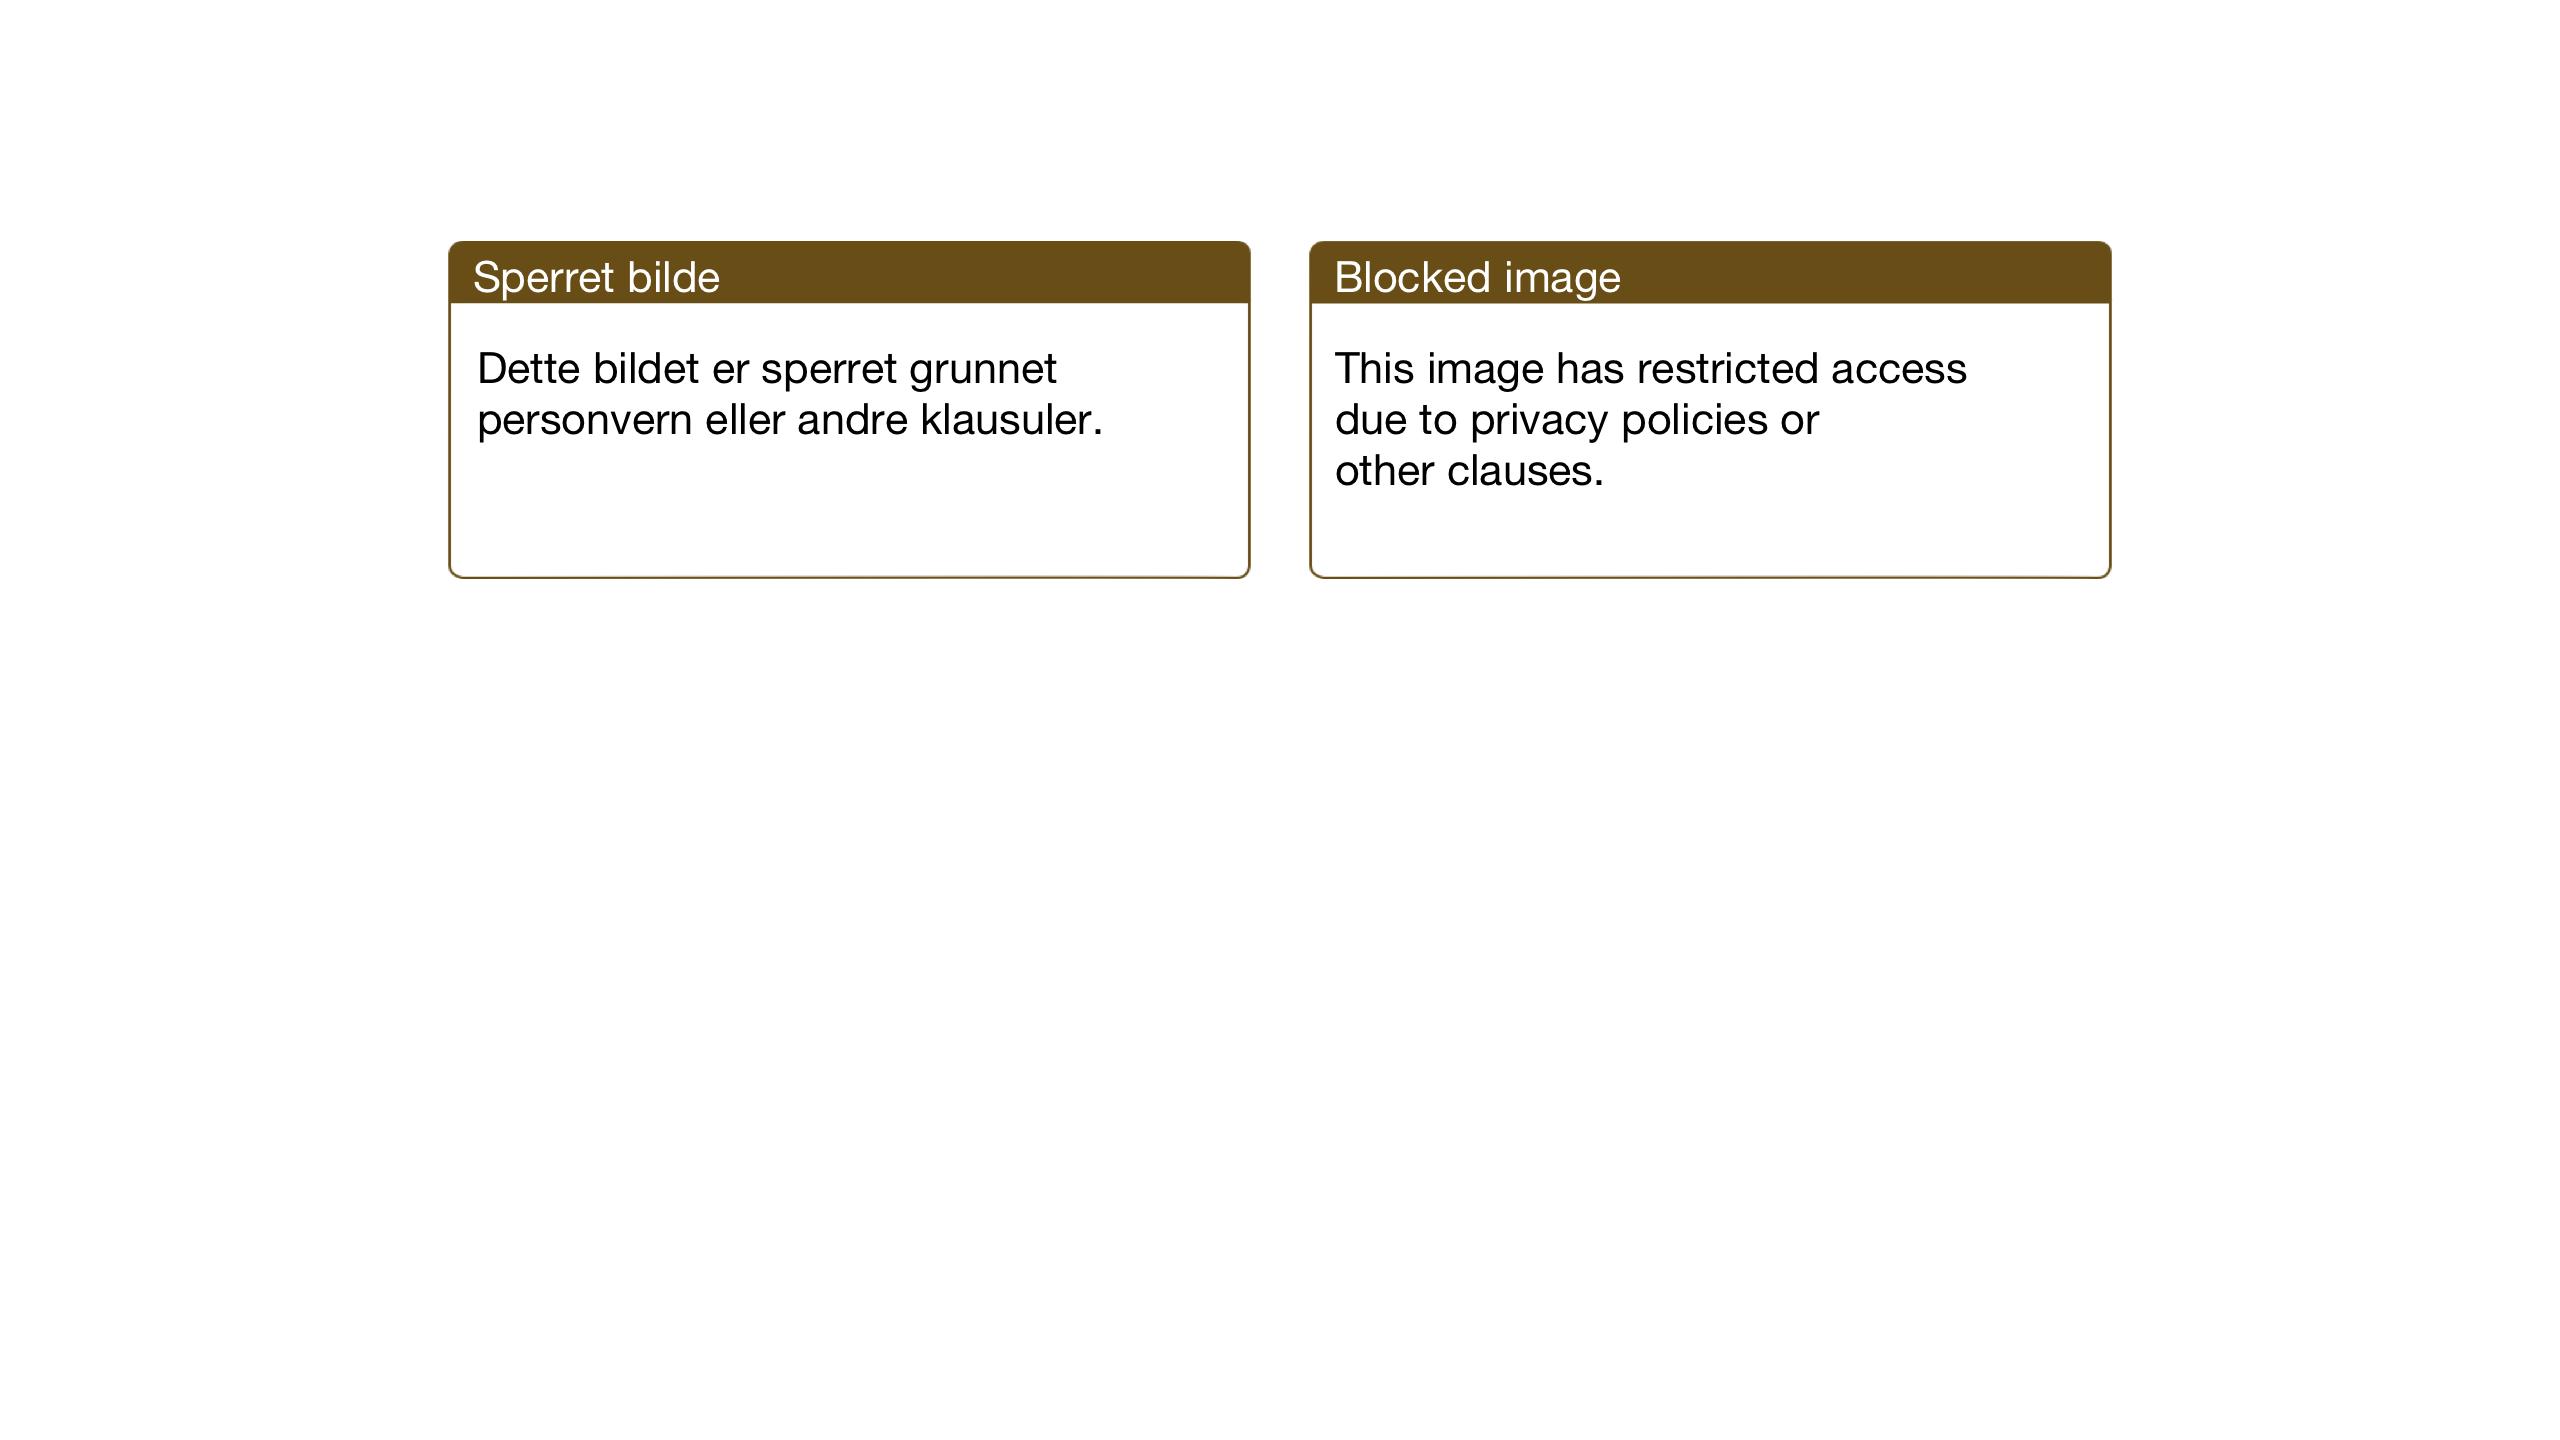 SAT, Ministerialprotokoller, klokkerbøker og fødselsregistre - Nord-Trøndelag, 714/L0136: Klokkerbok nr. 714C05, 1918-1957, s. 258